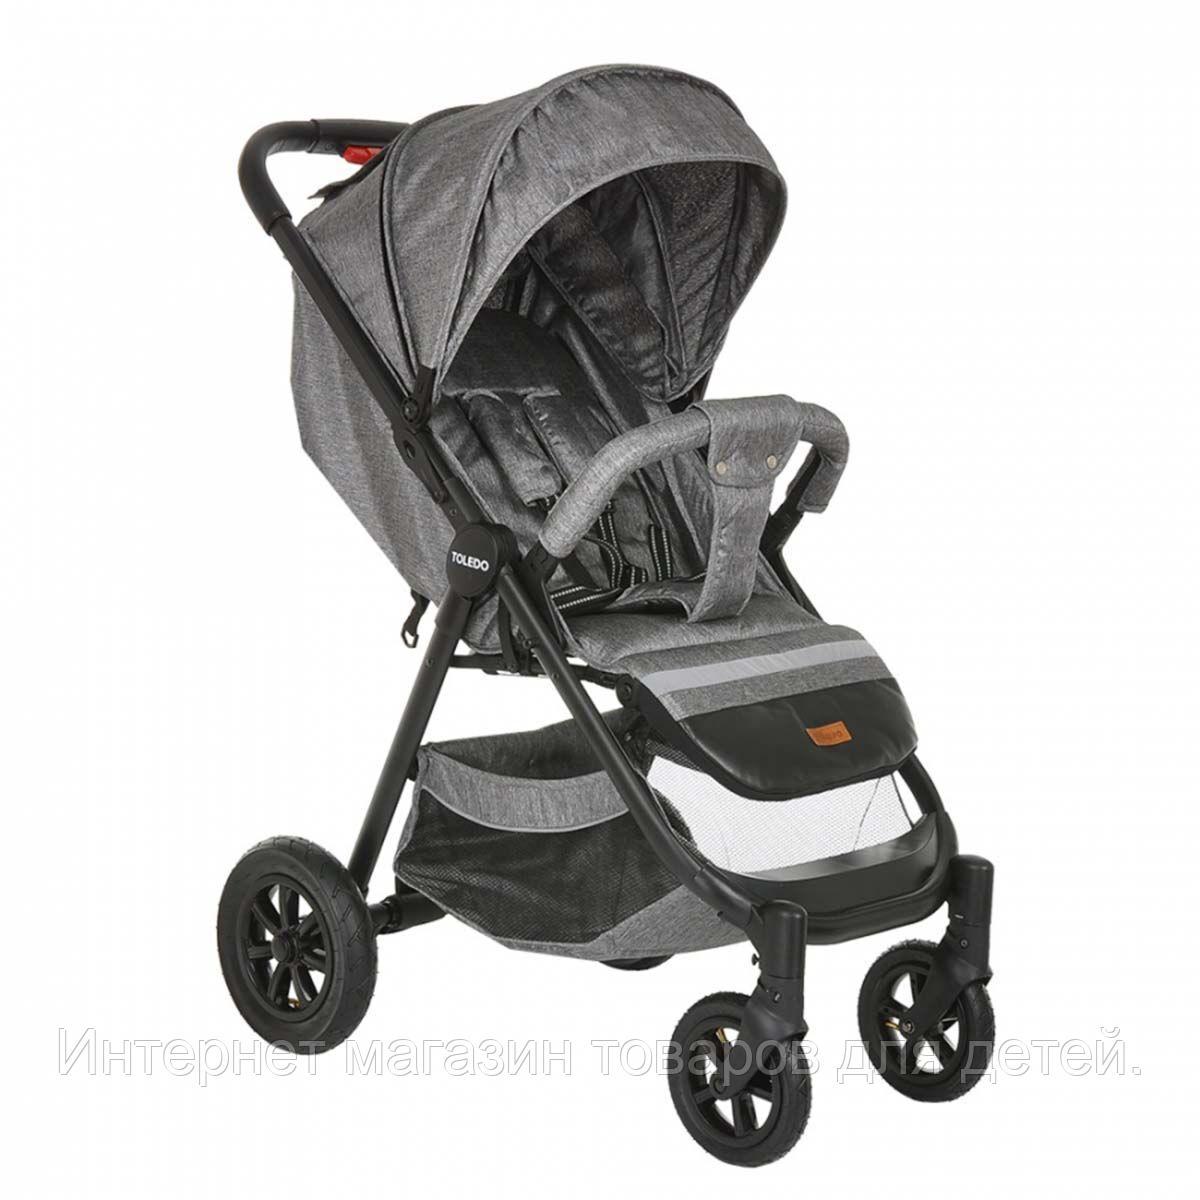 PITUSO Коляска детская TOLEDO (прогулочная), Grey Metallic/Серый металлик/чехол на ножки/AIR